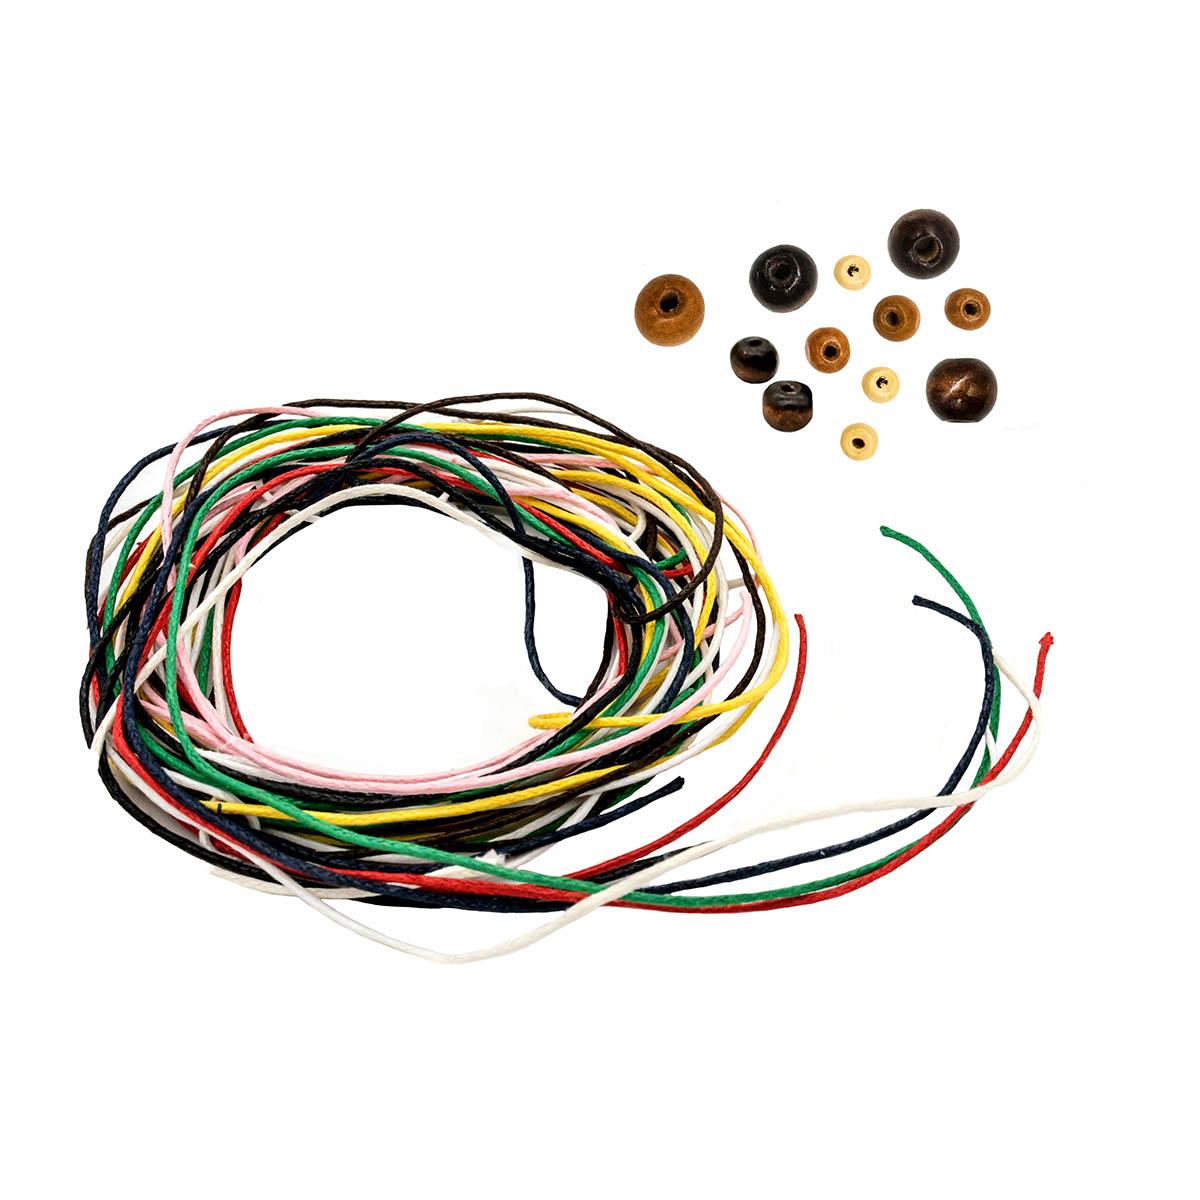 Большой набор деревянных бусин (коричневые цвета) с вощеным шнуром 440шт/упак, Астра